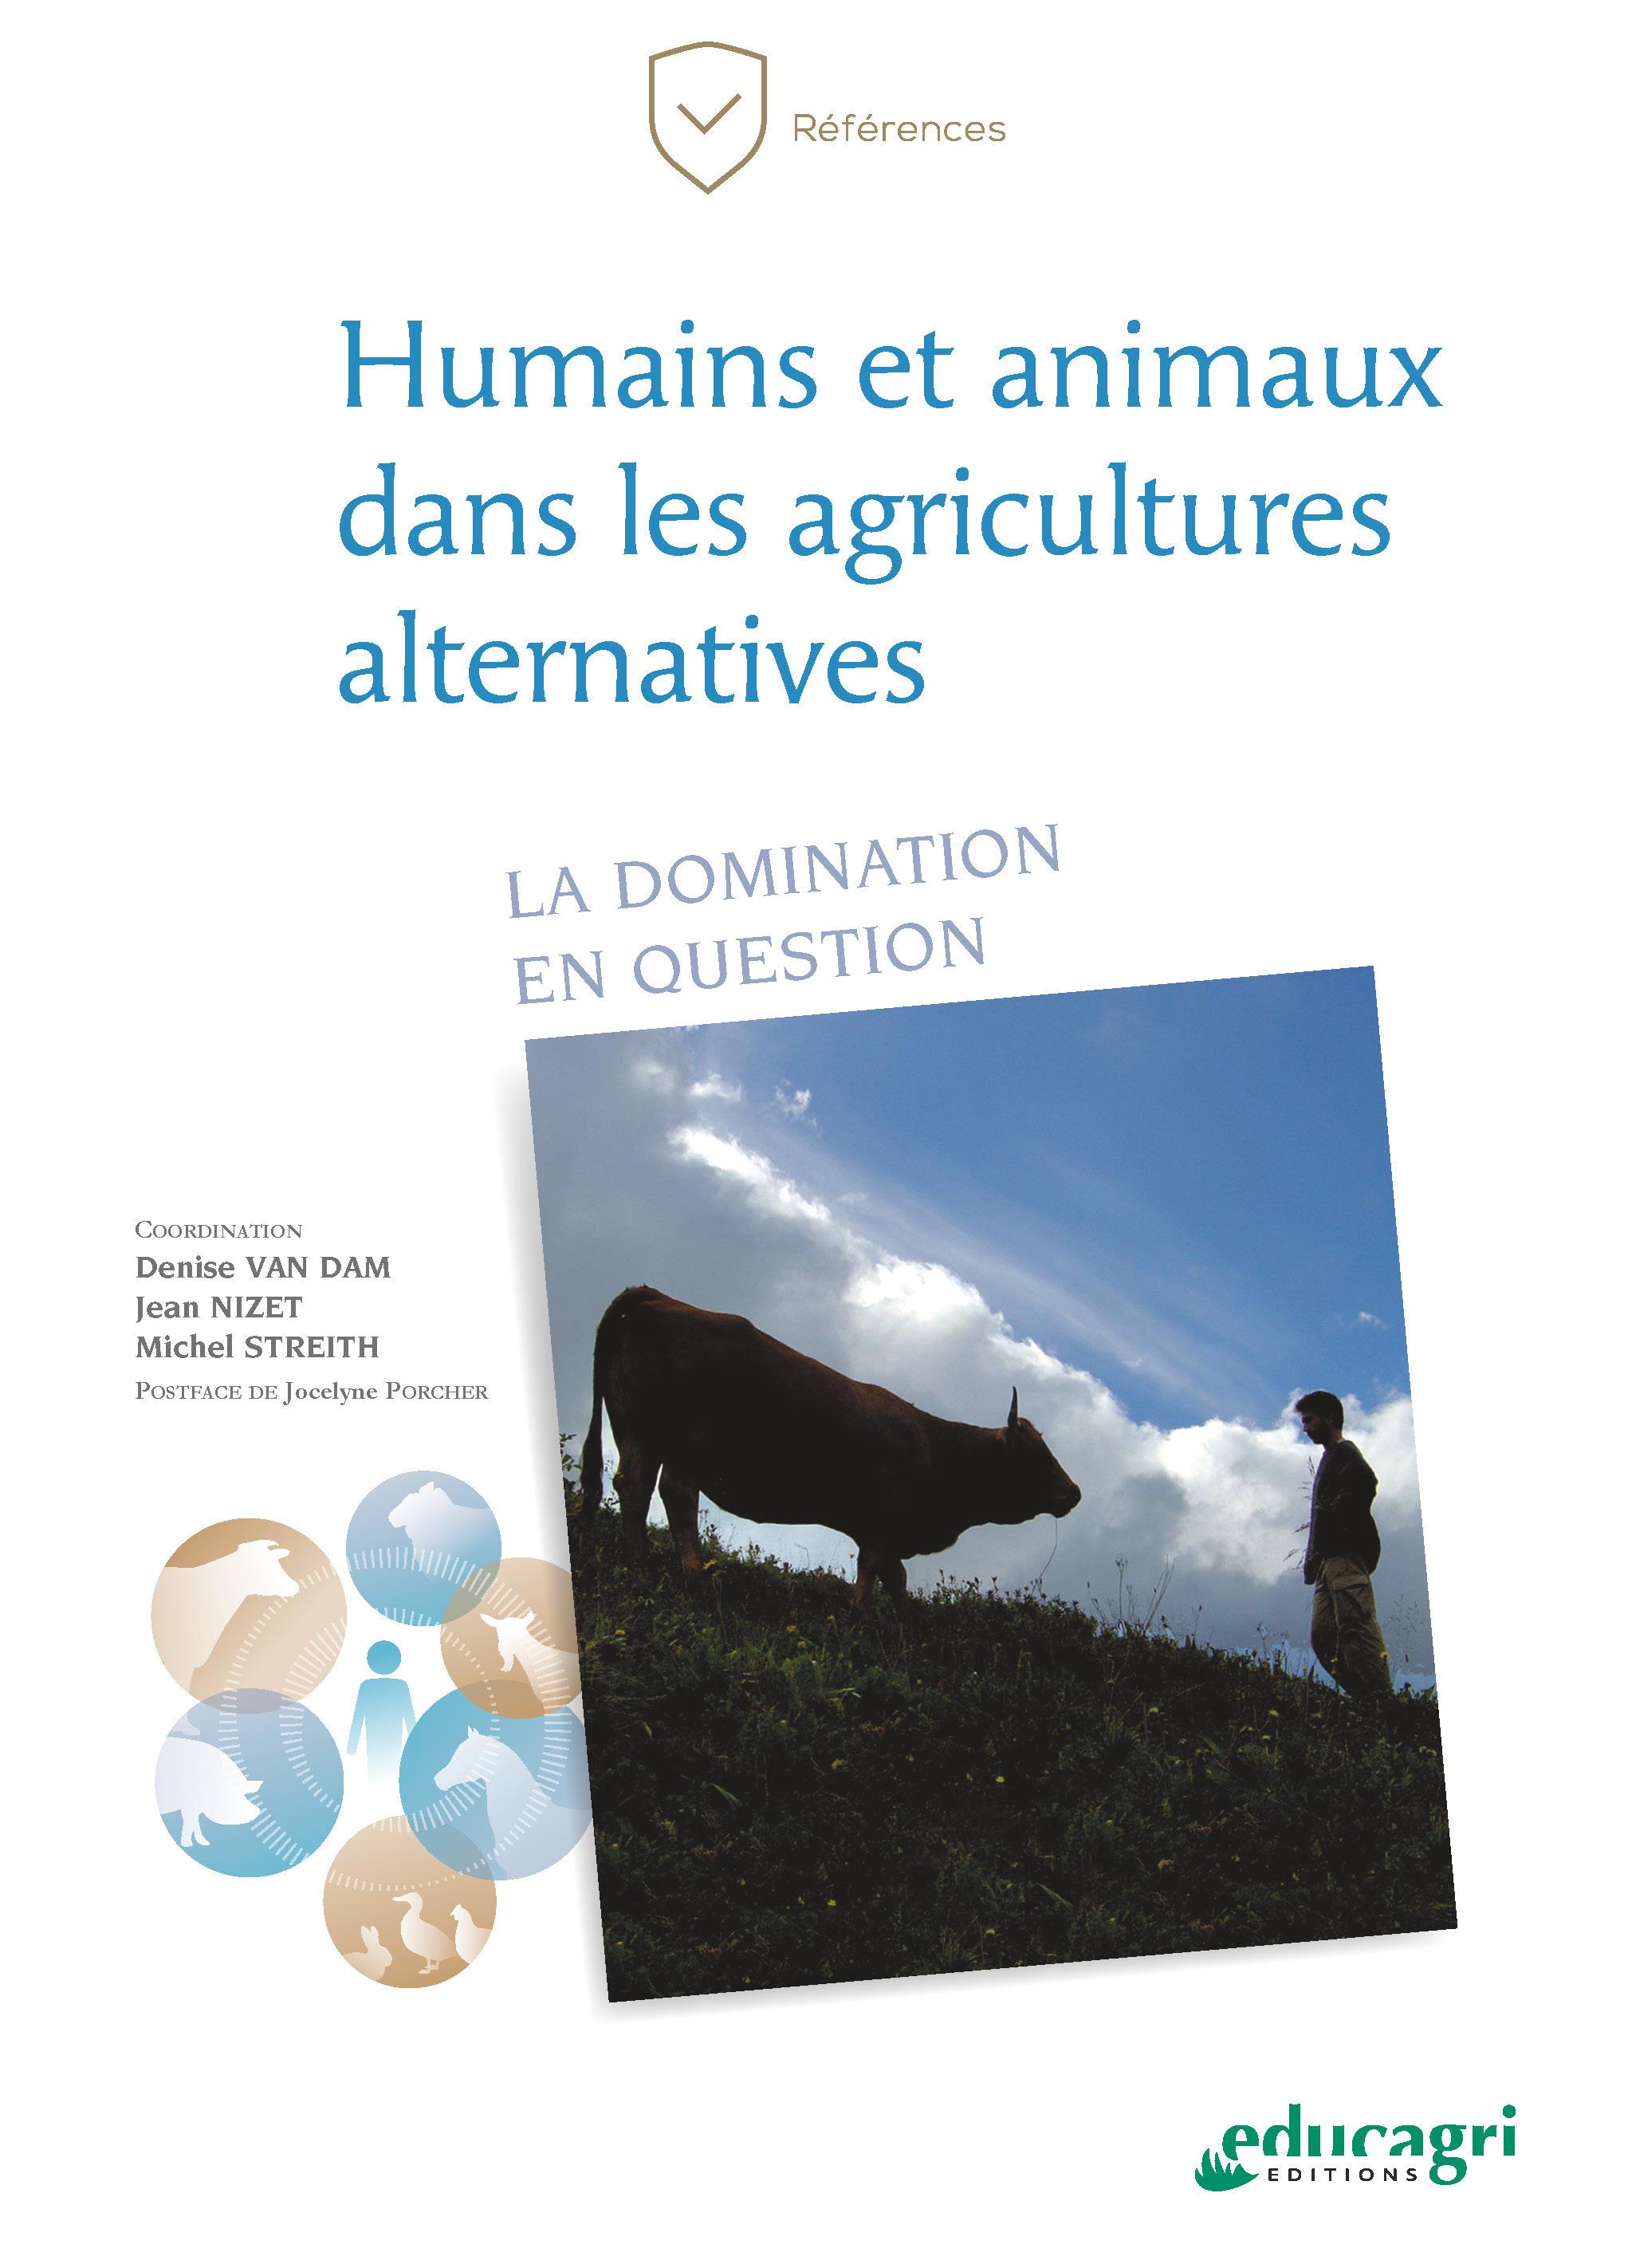 Humains et animaux dans les agricultures alternatives - la domination en question